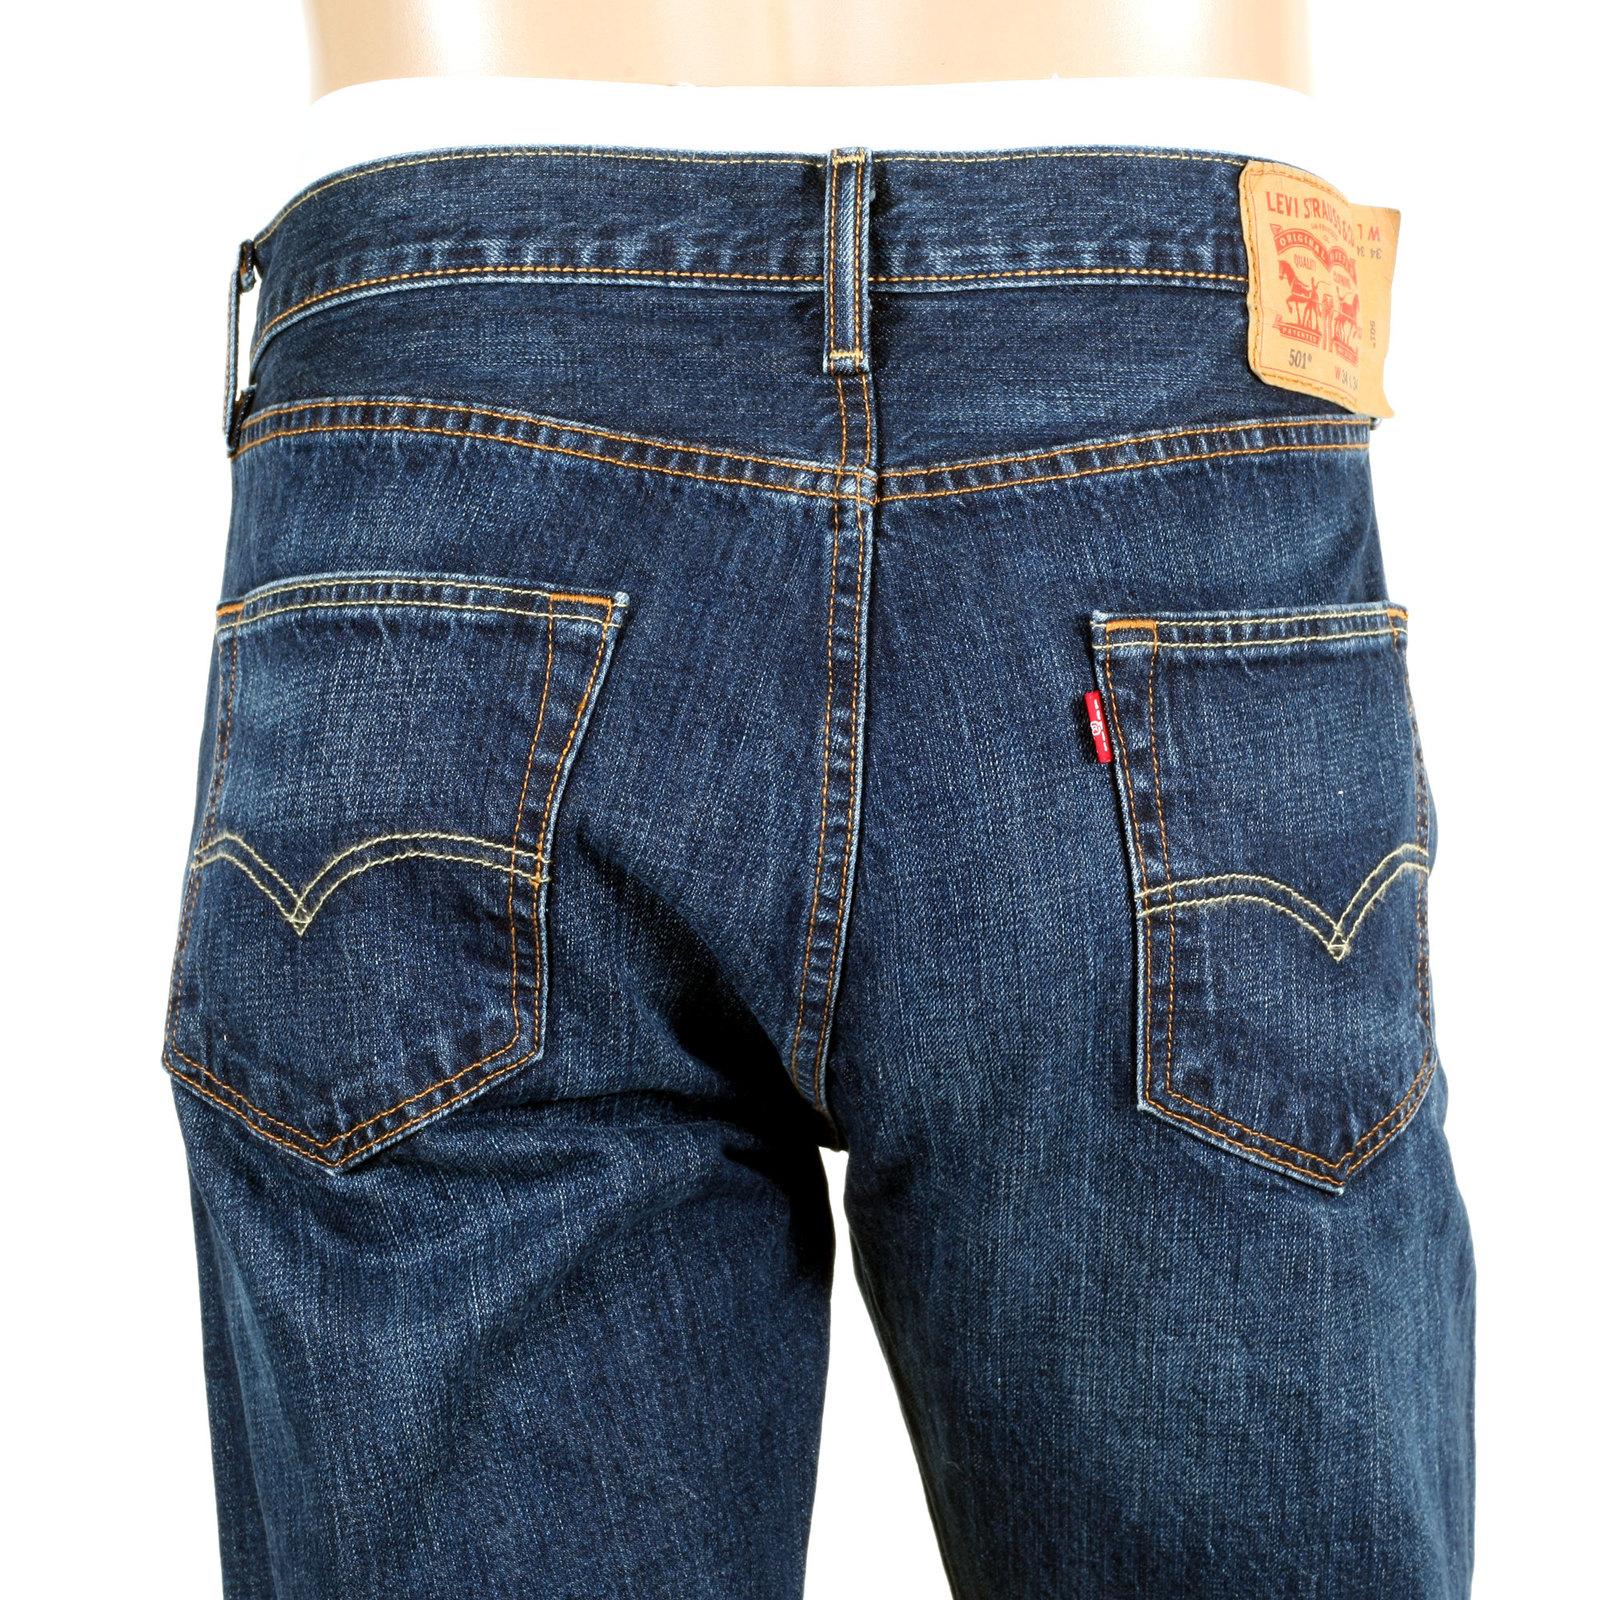 shop for 501 original fit jeans in dark blue from levis. Black Bedroom Furniture Sets. Home Design Ideas